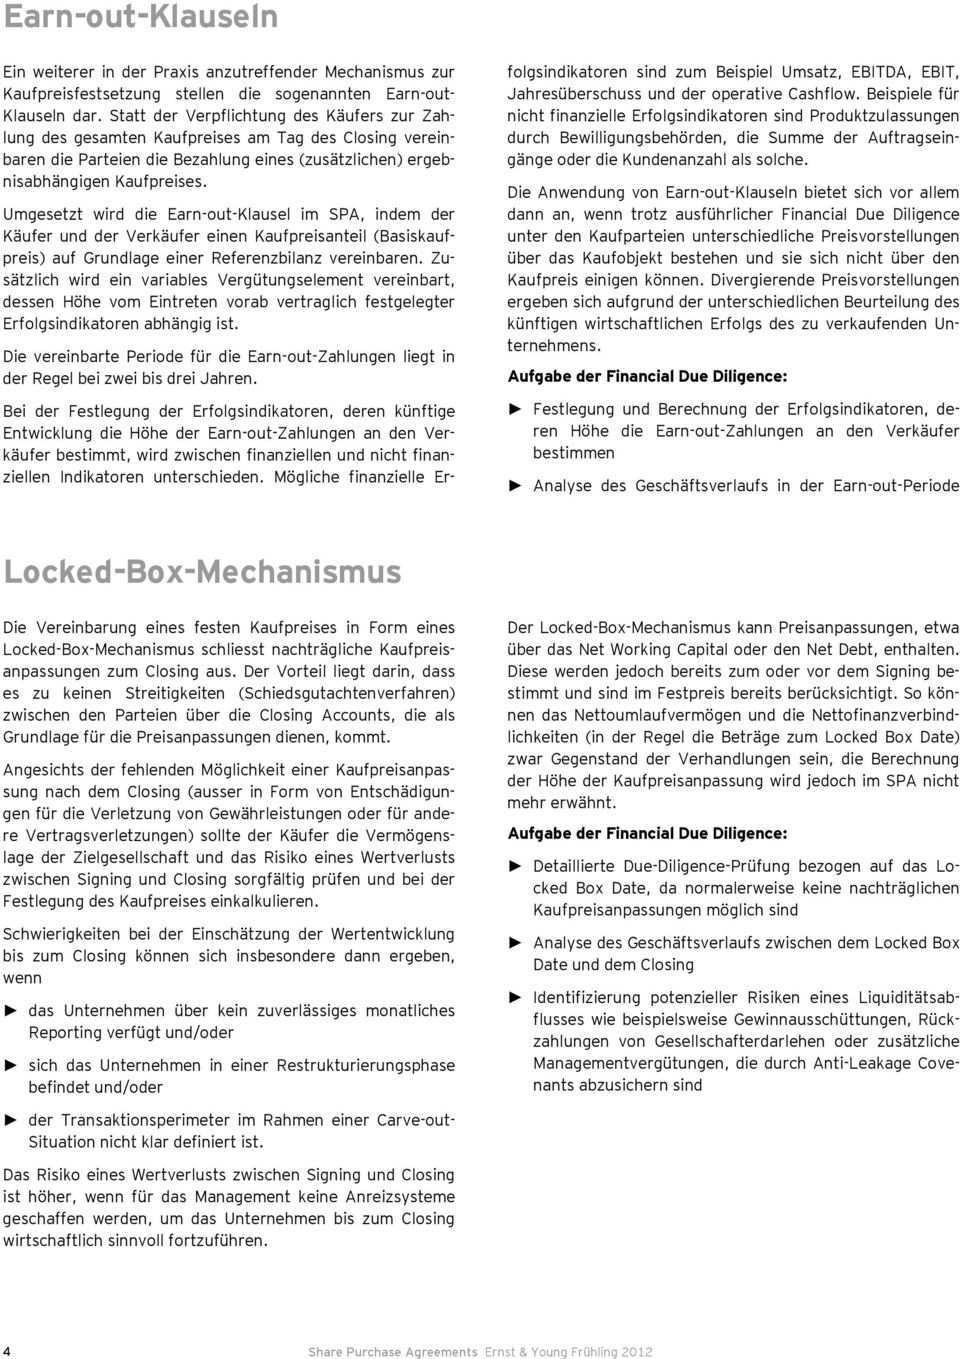 Share Purchase Agreements Gangige Kaufpreismechanismen Und Aktuelle Entwicklungen In Der Praxis 2 Auflage Pdf Kostenfreier Download